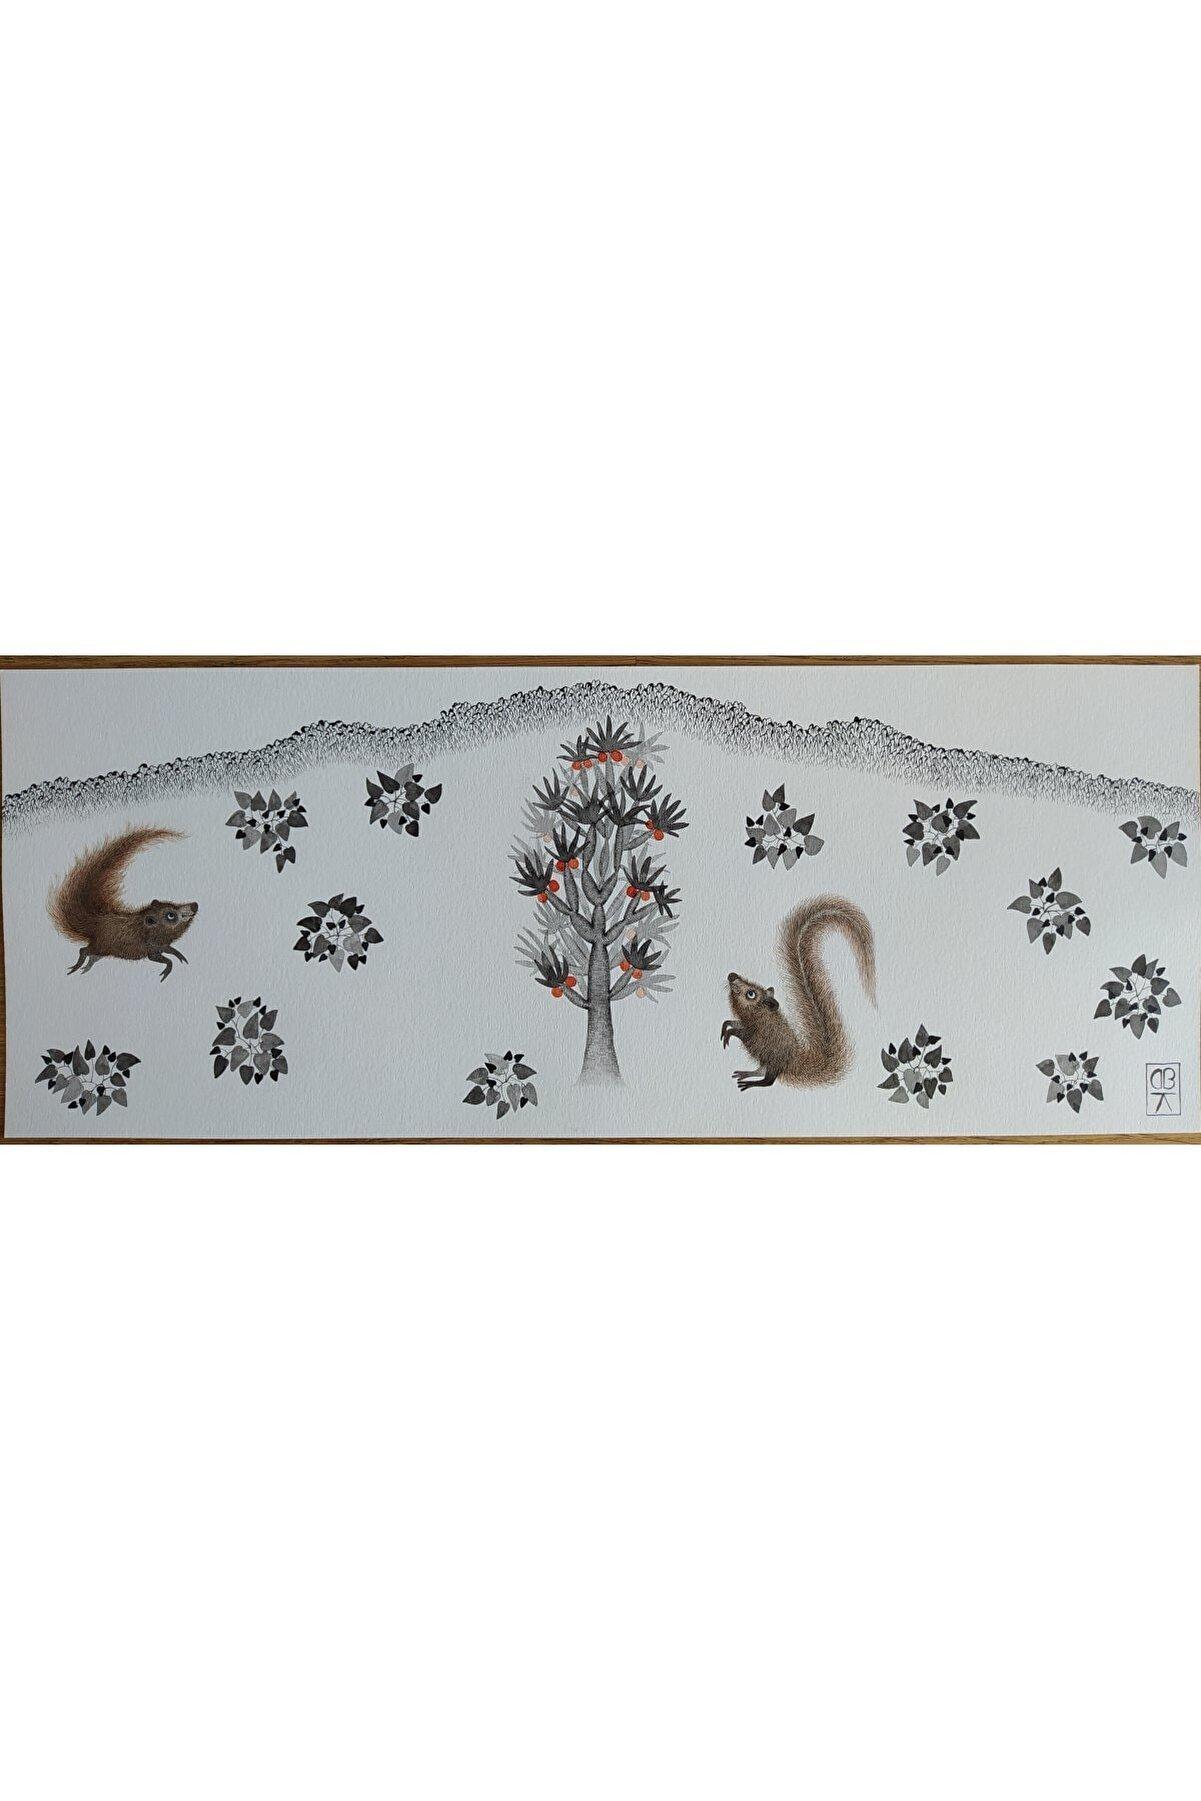 Başak Kademoğlu Hibrit Hayvanlar Serisi, 5x35, Kağıt Üzerine Suluboya